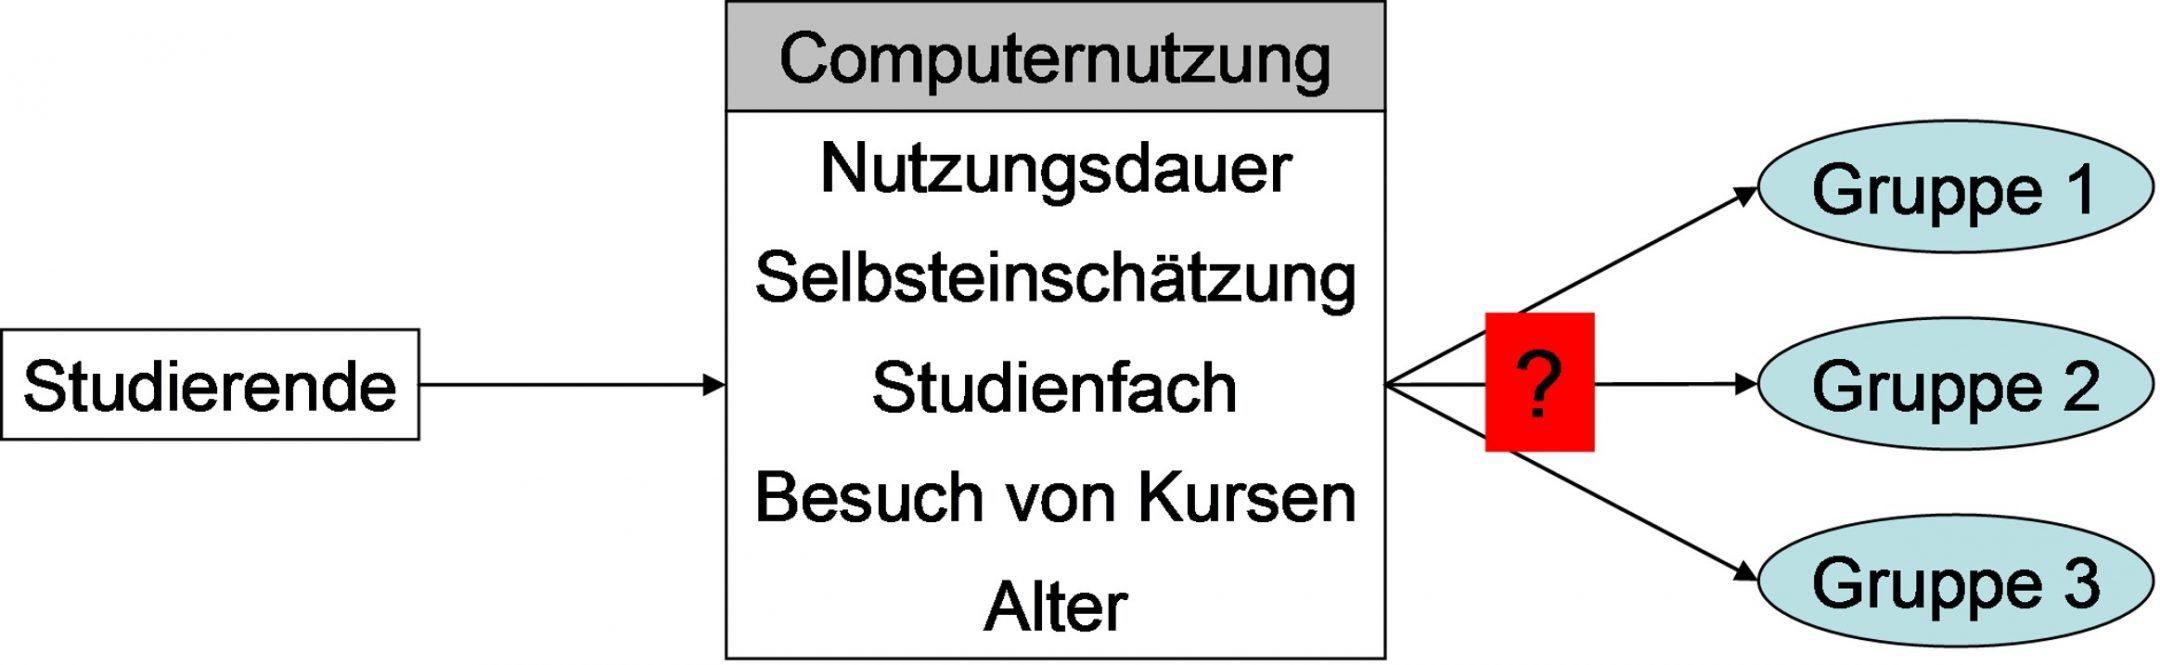 Abbildung 1: Beispiel Clusteranalyse